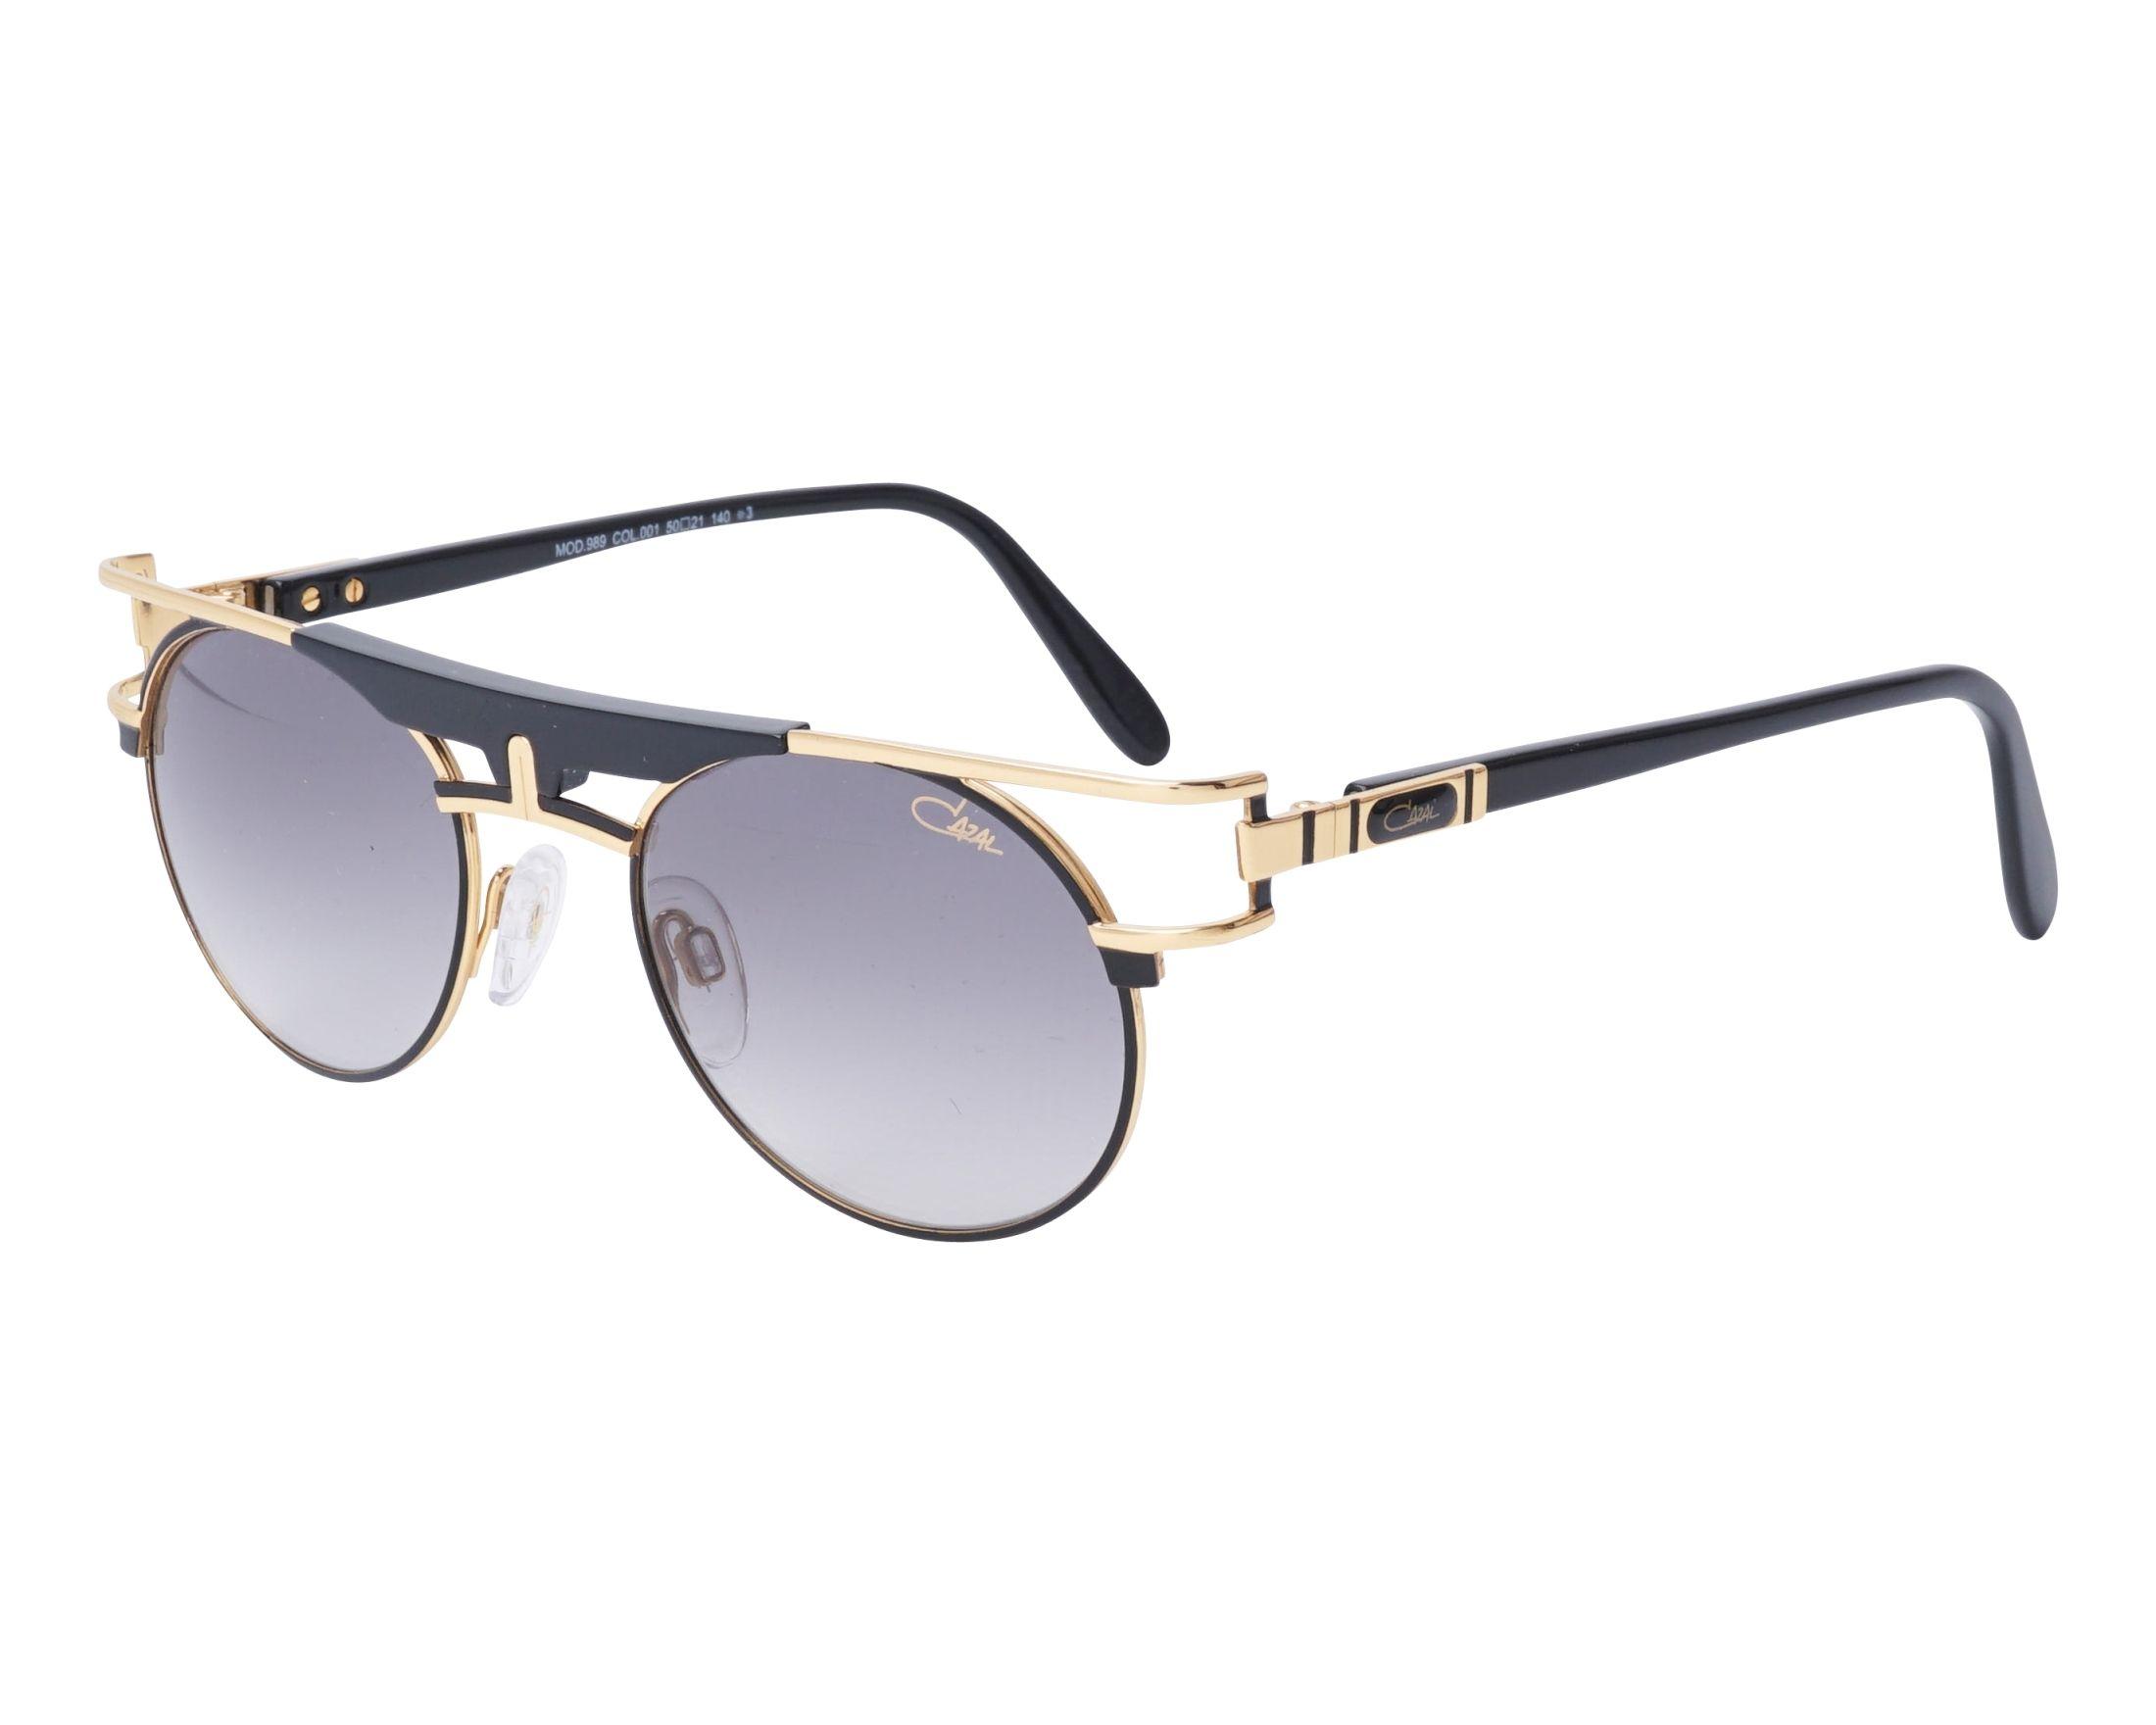 f73590e030 Sunglasses Cazal 989 001 50-21 Black Gold profile view